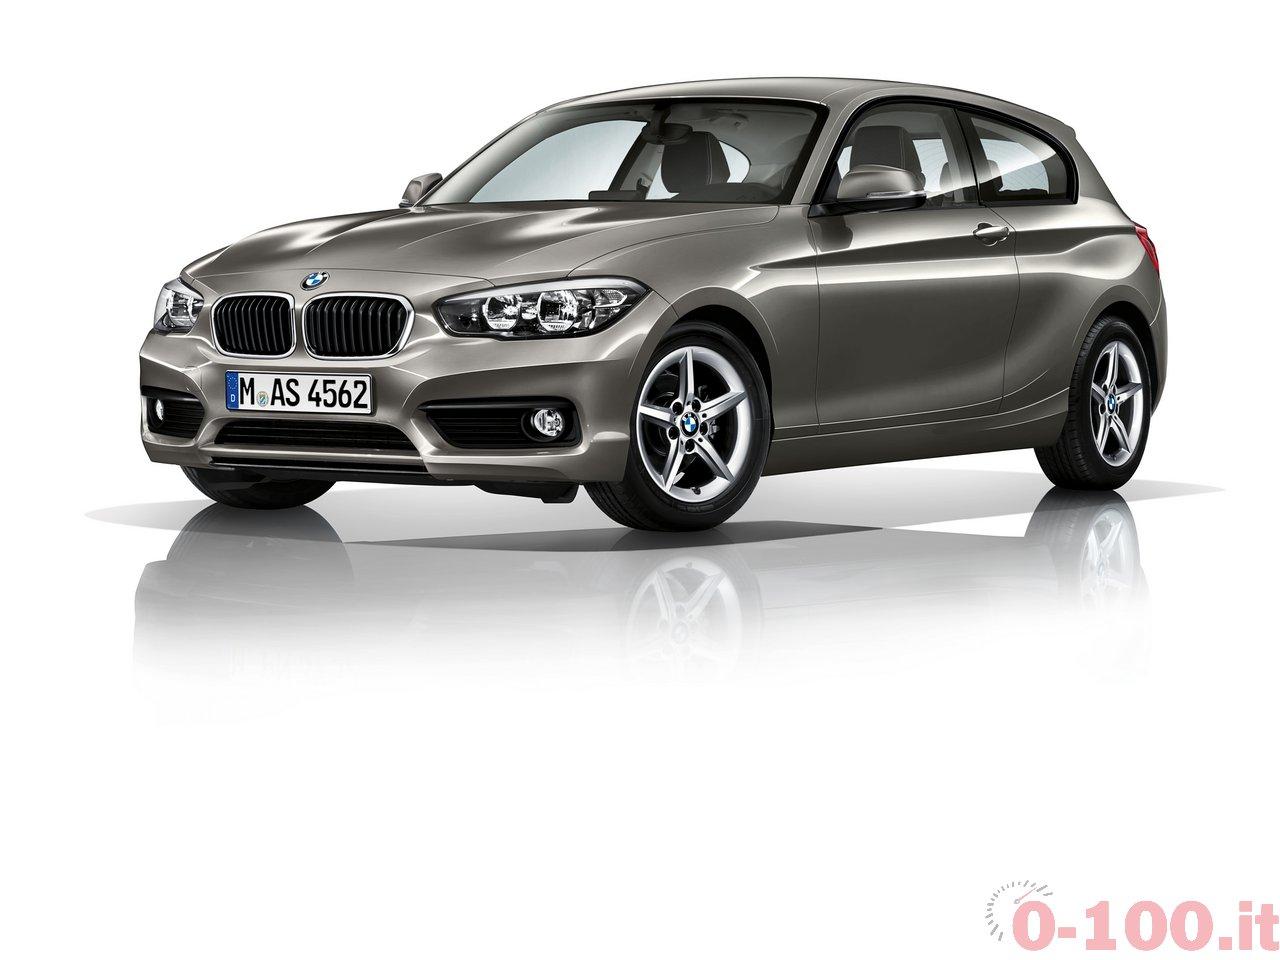 BMW-serie-1-2015_116d-118d-120d-125d-116i-118i-120i-125i-135i-0-100_51